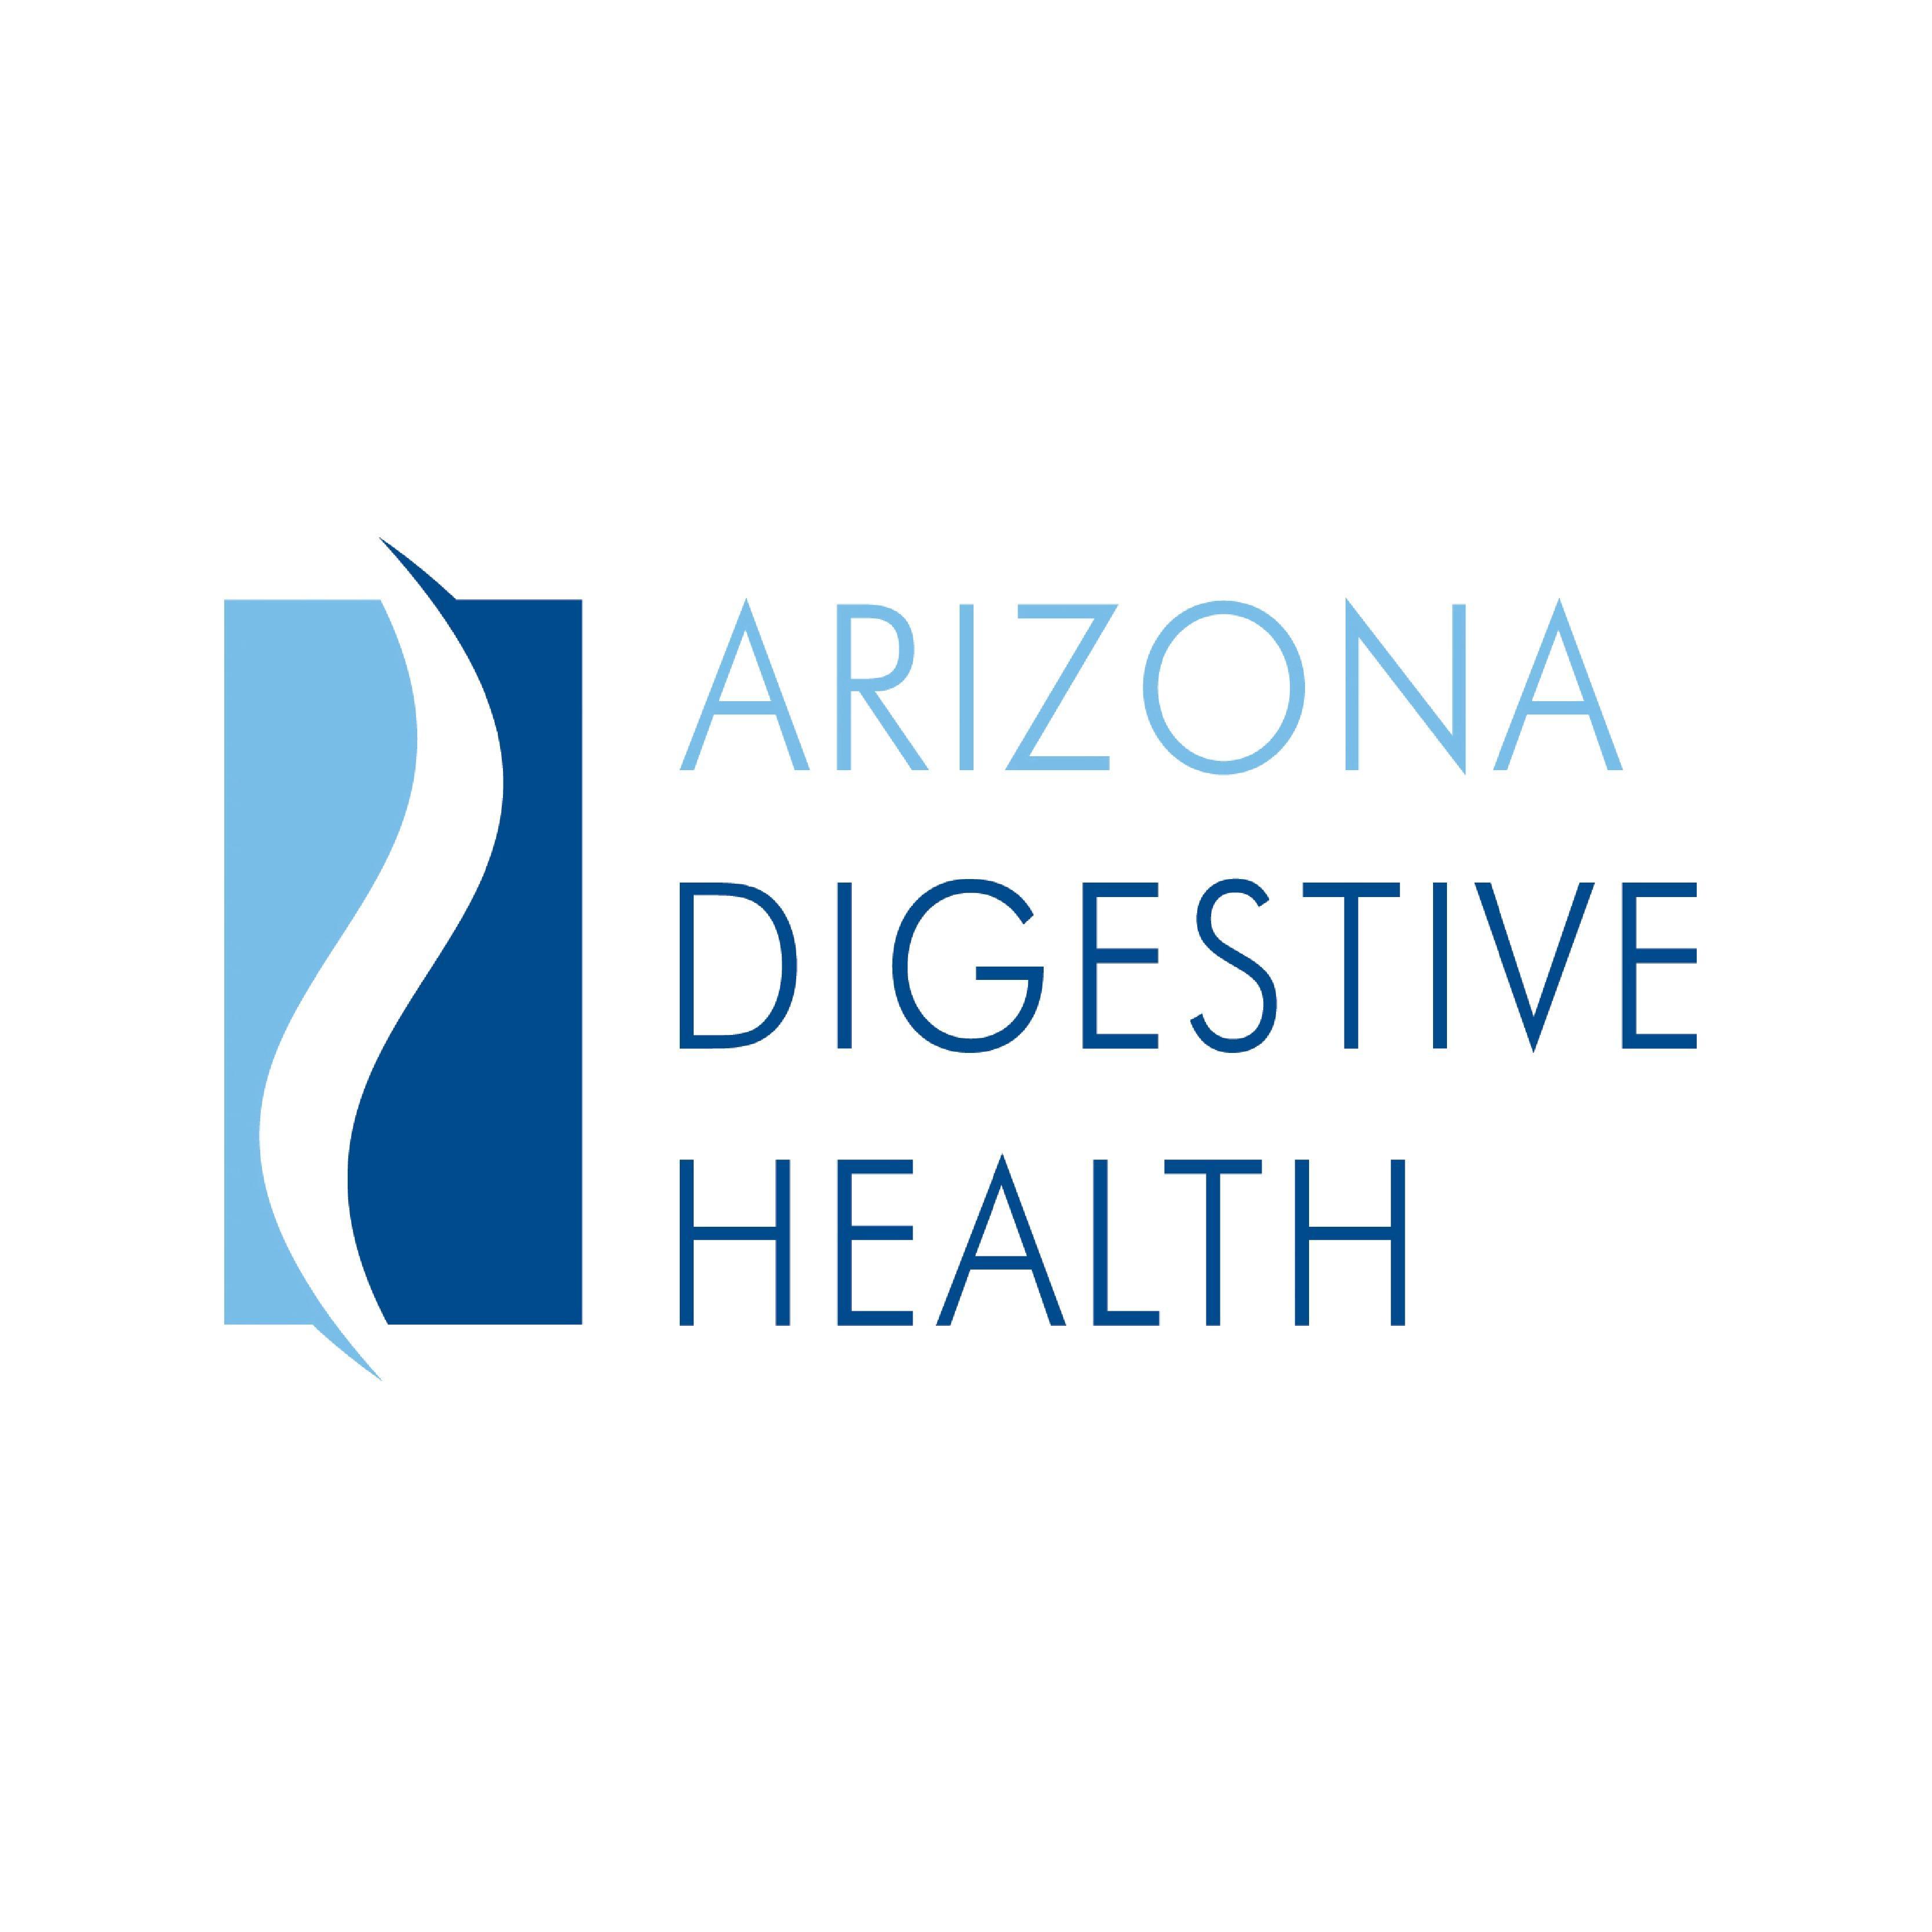 Arizona Digestive Health